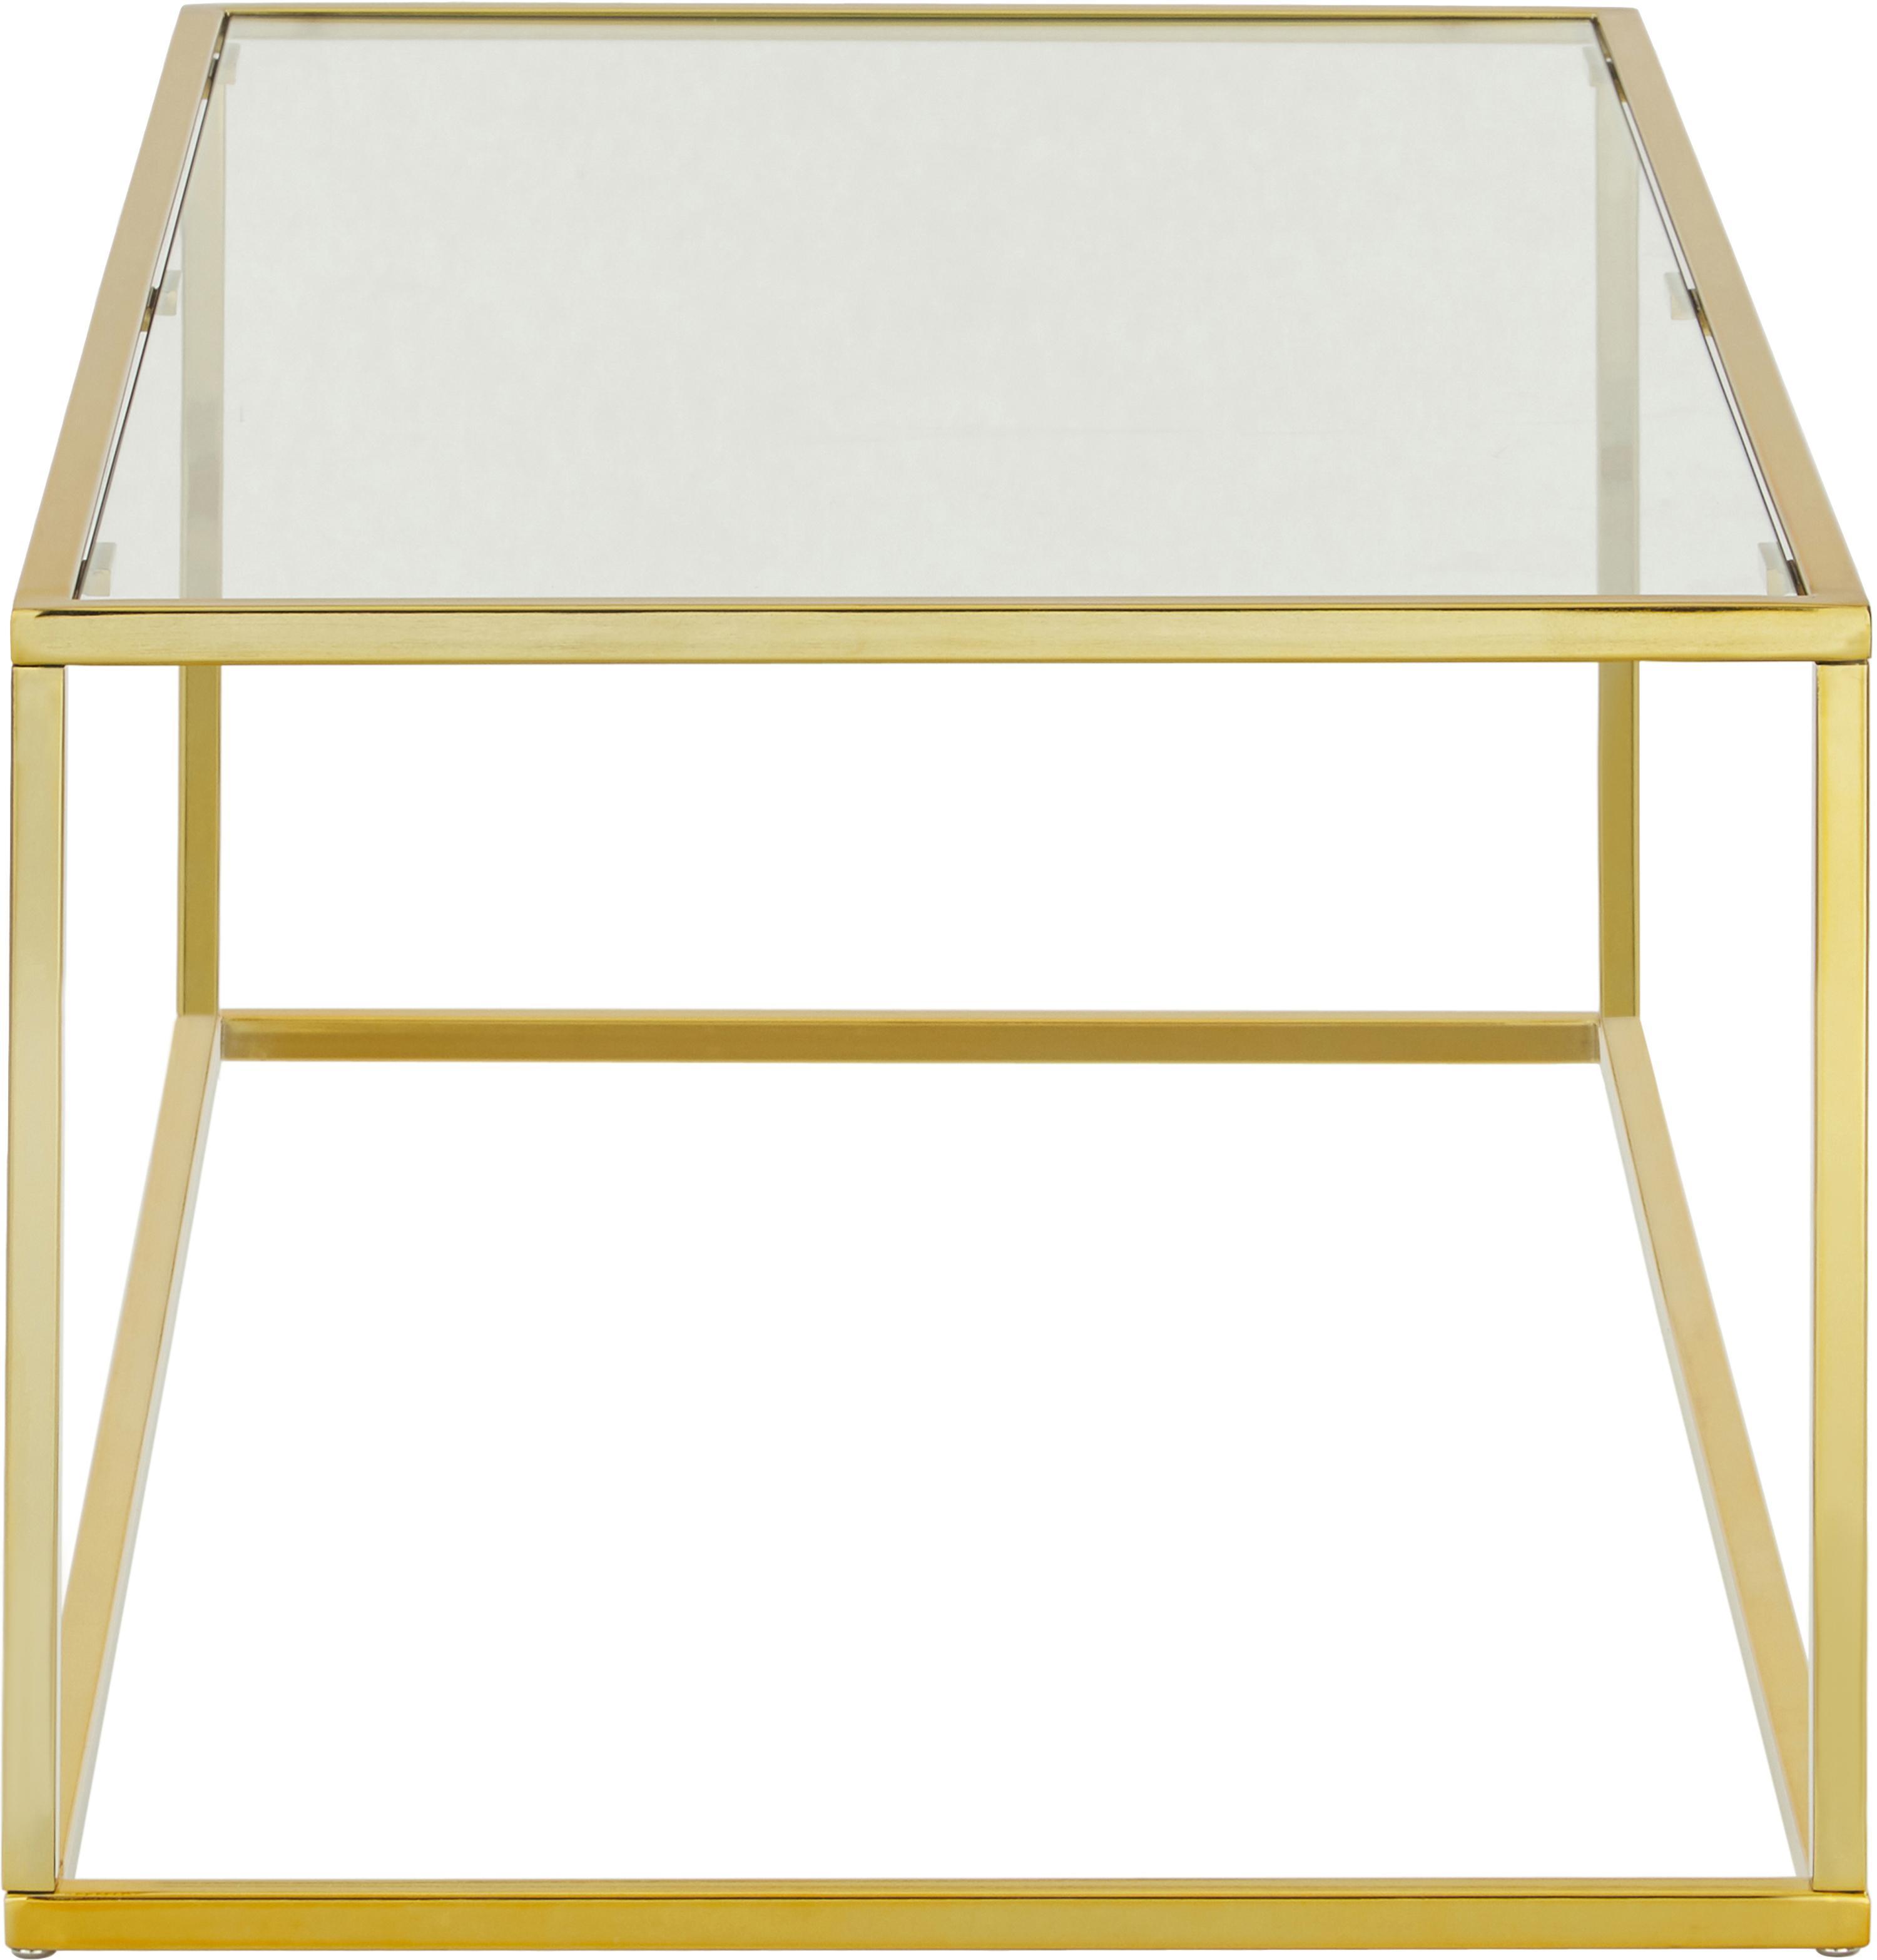 Tavolino da salotto con piano in vetro Maya, Piano d'appoggio: vetro temperato, Struttura: metallo zincato, Piano d'appoggio: vetro trasparente Struttura: dorato, lucido, Larg. 110 x Alt. 36 cm